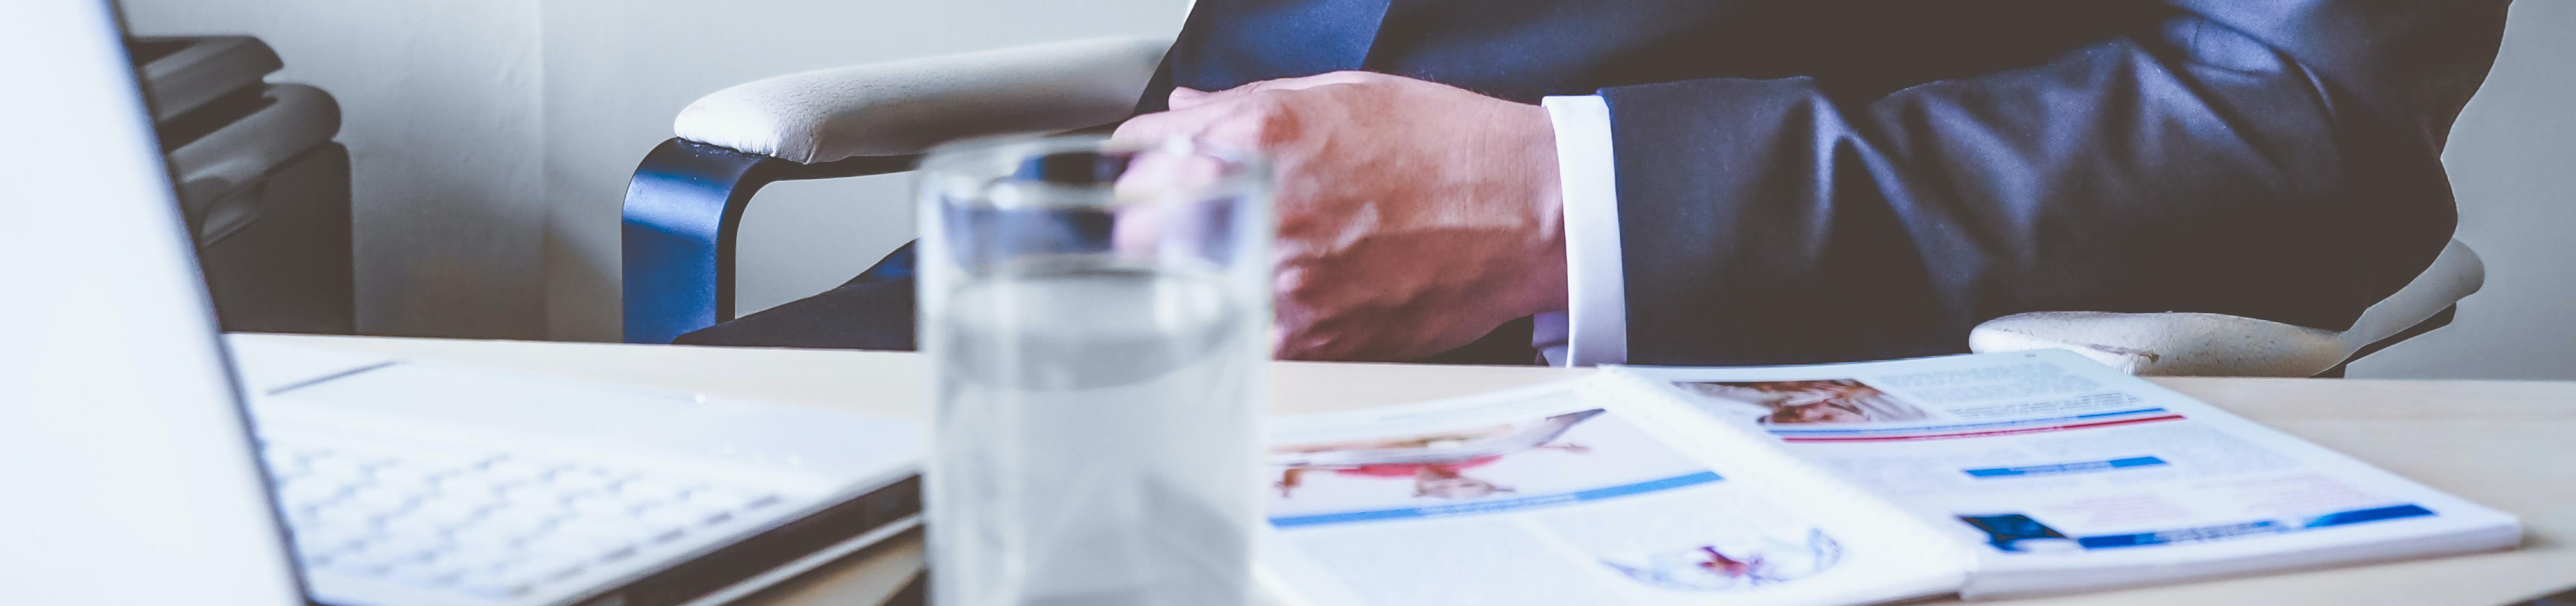 Nouveau Responsable du développement chez APICIL Asset Management ! | Groupe APICIL